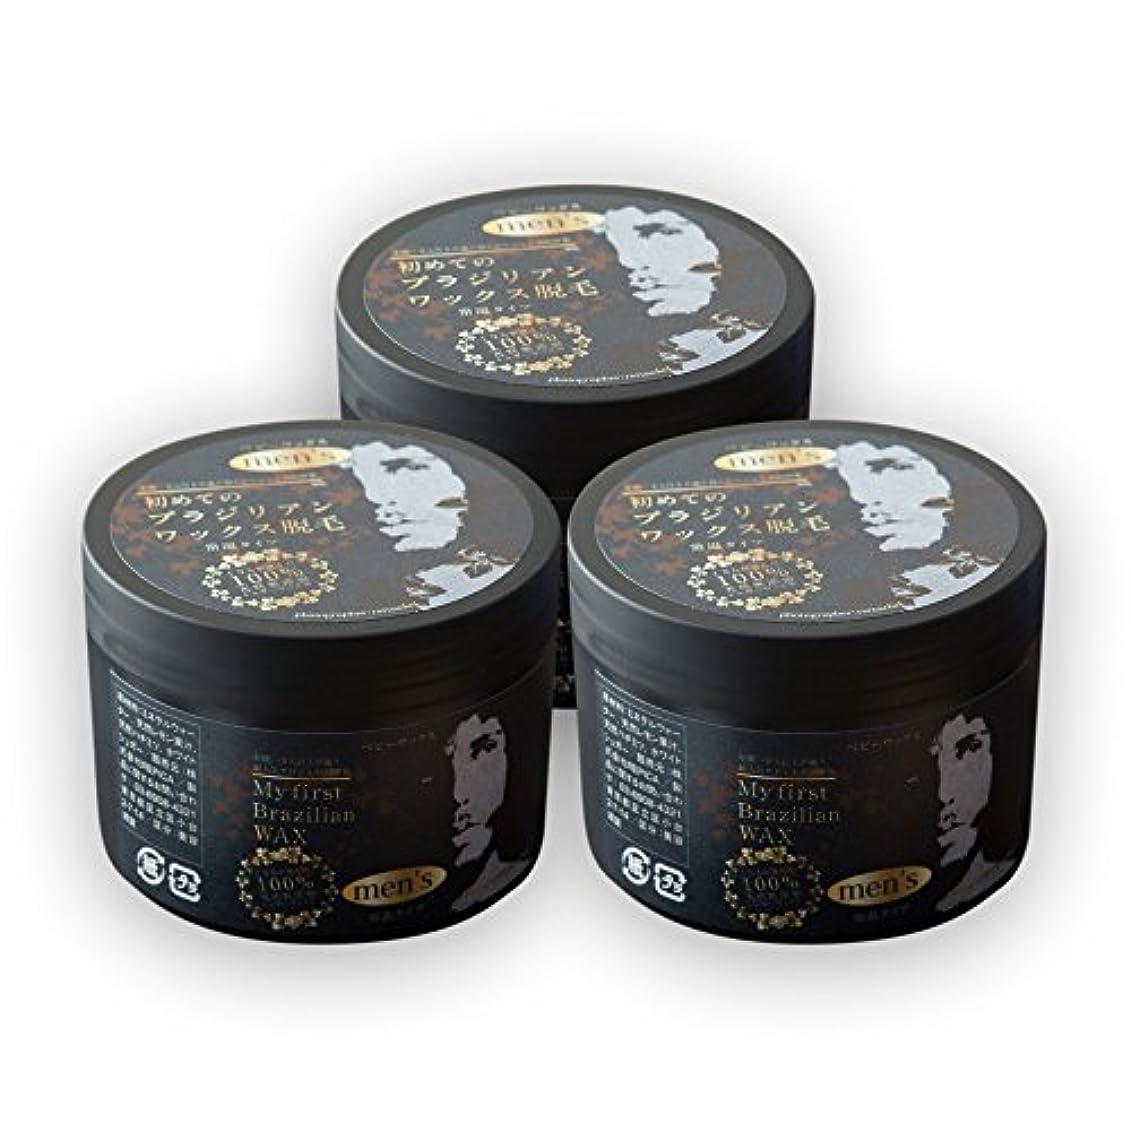 ほのめかすここに一致する【単品】メンズ専 ブラジリアンワックス BABY WAX 専門サロンの初めてのブラジリアンワックス脱毛【100%国産無添加】 (3個セット)